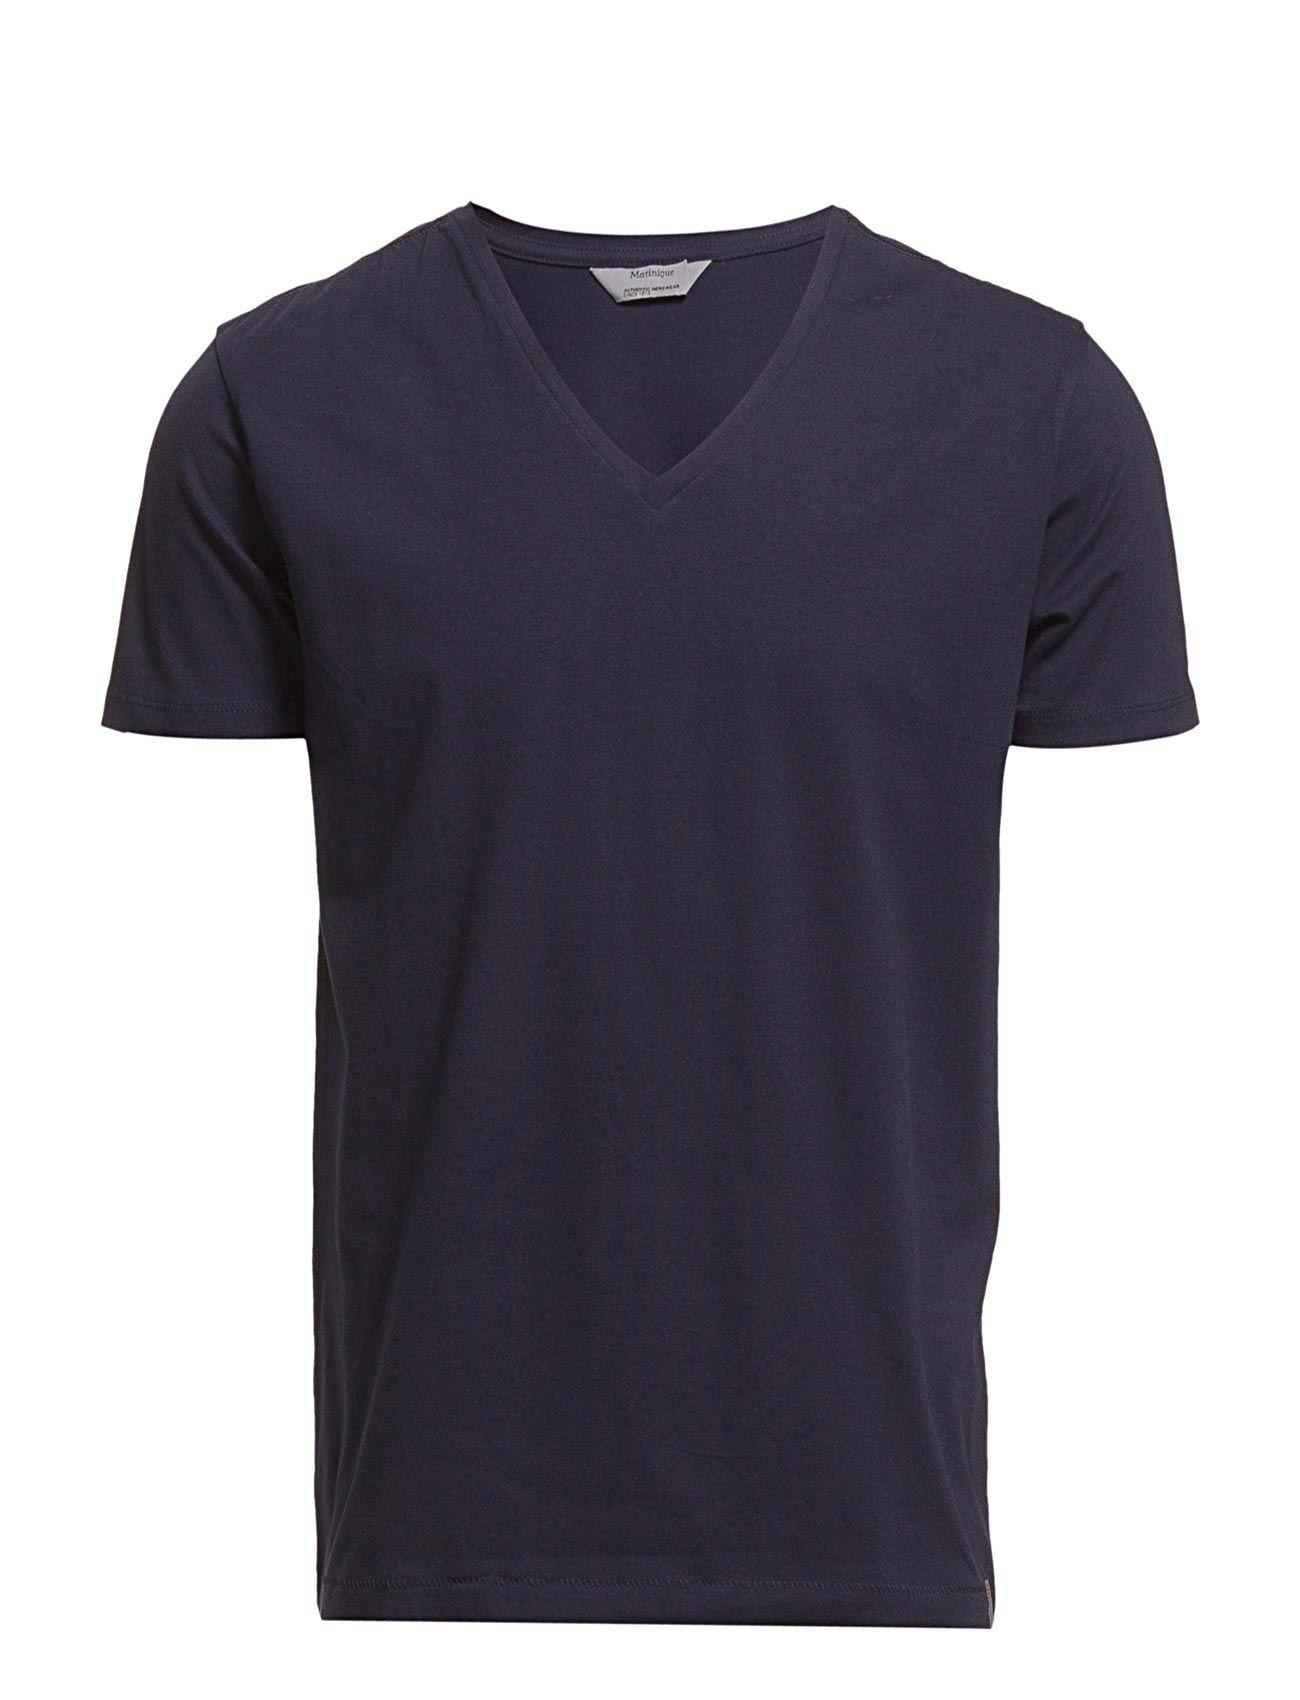 Madelink Matinique T-shirts til Mænd i Sort